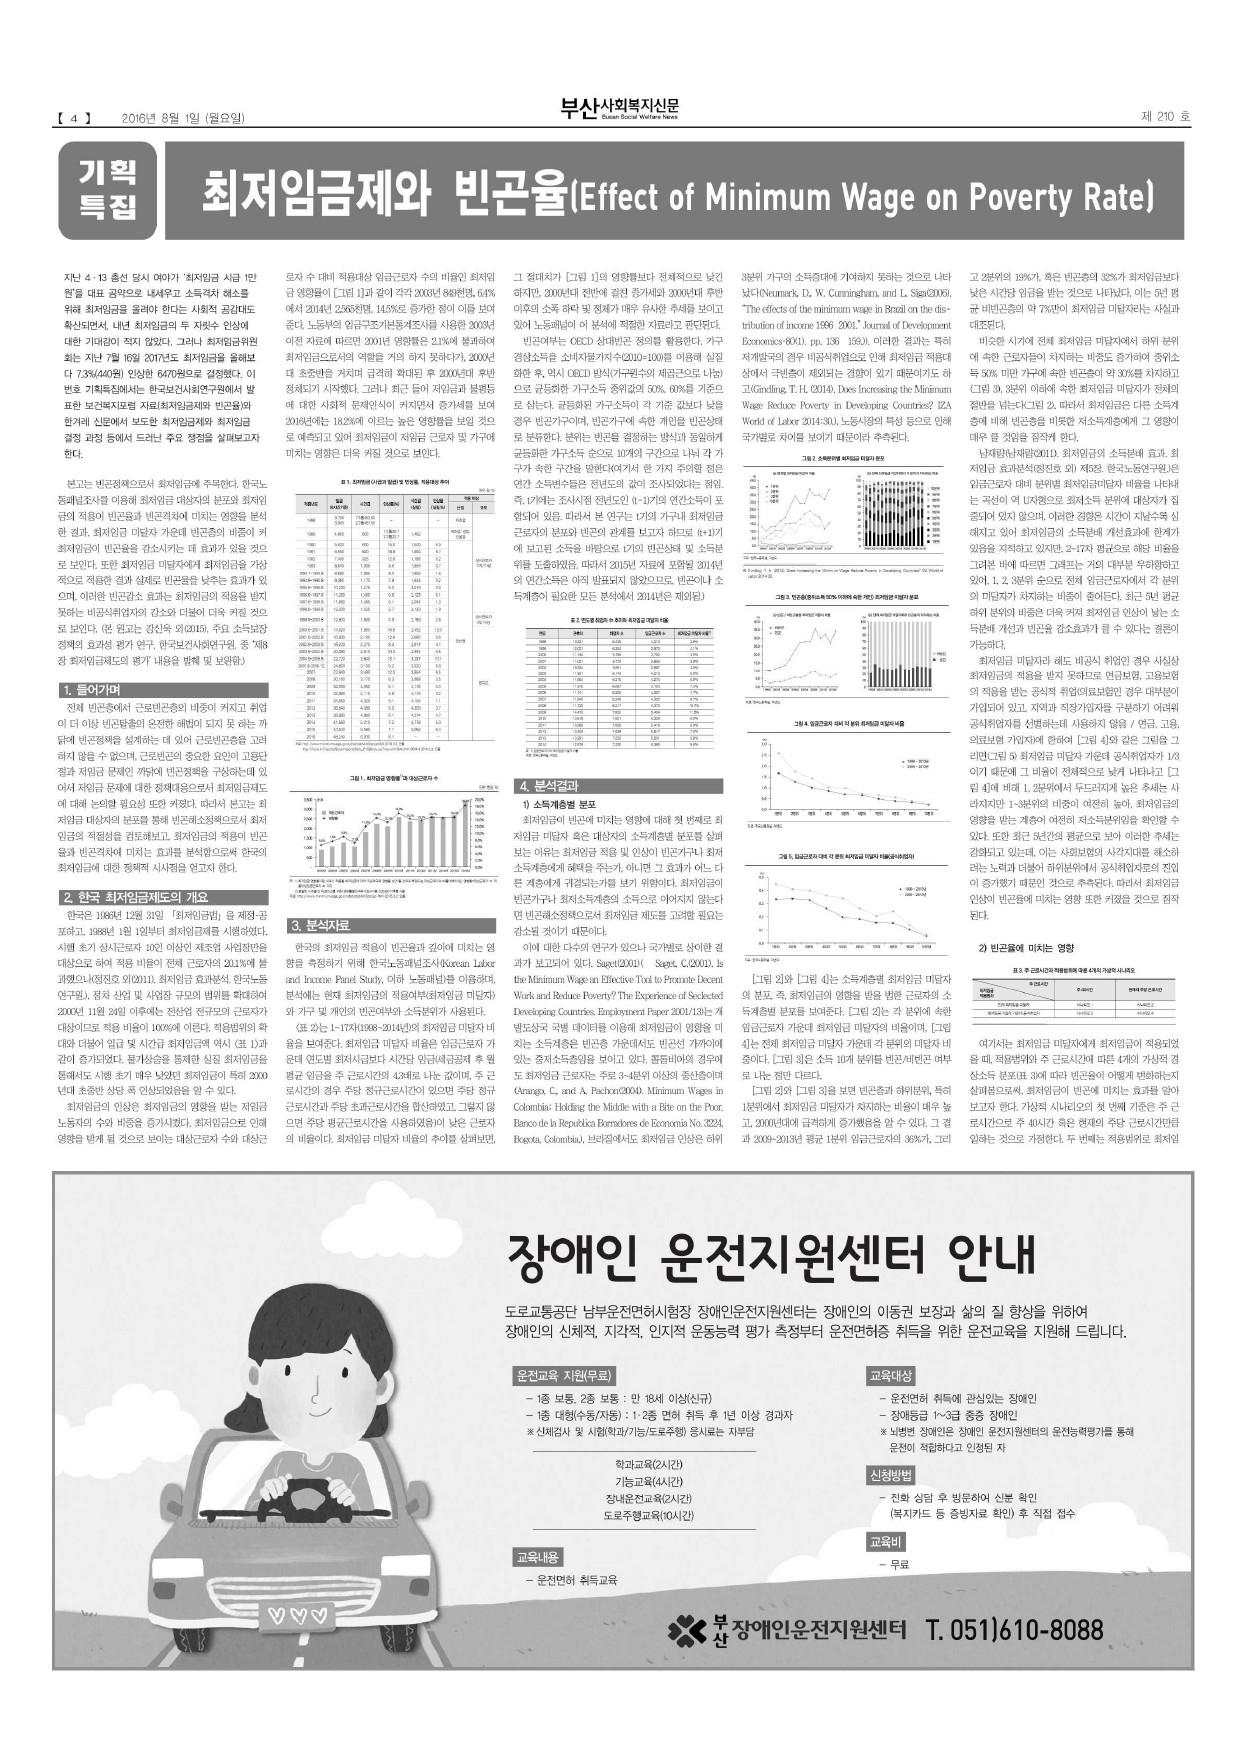 210호 신문-4.jpg